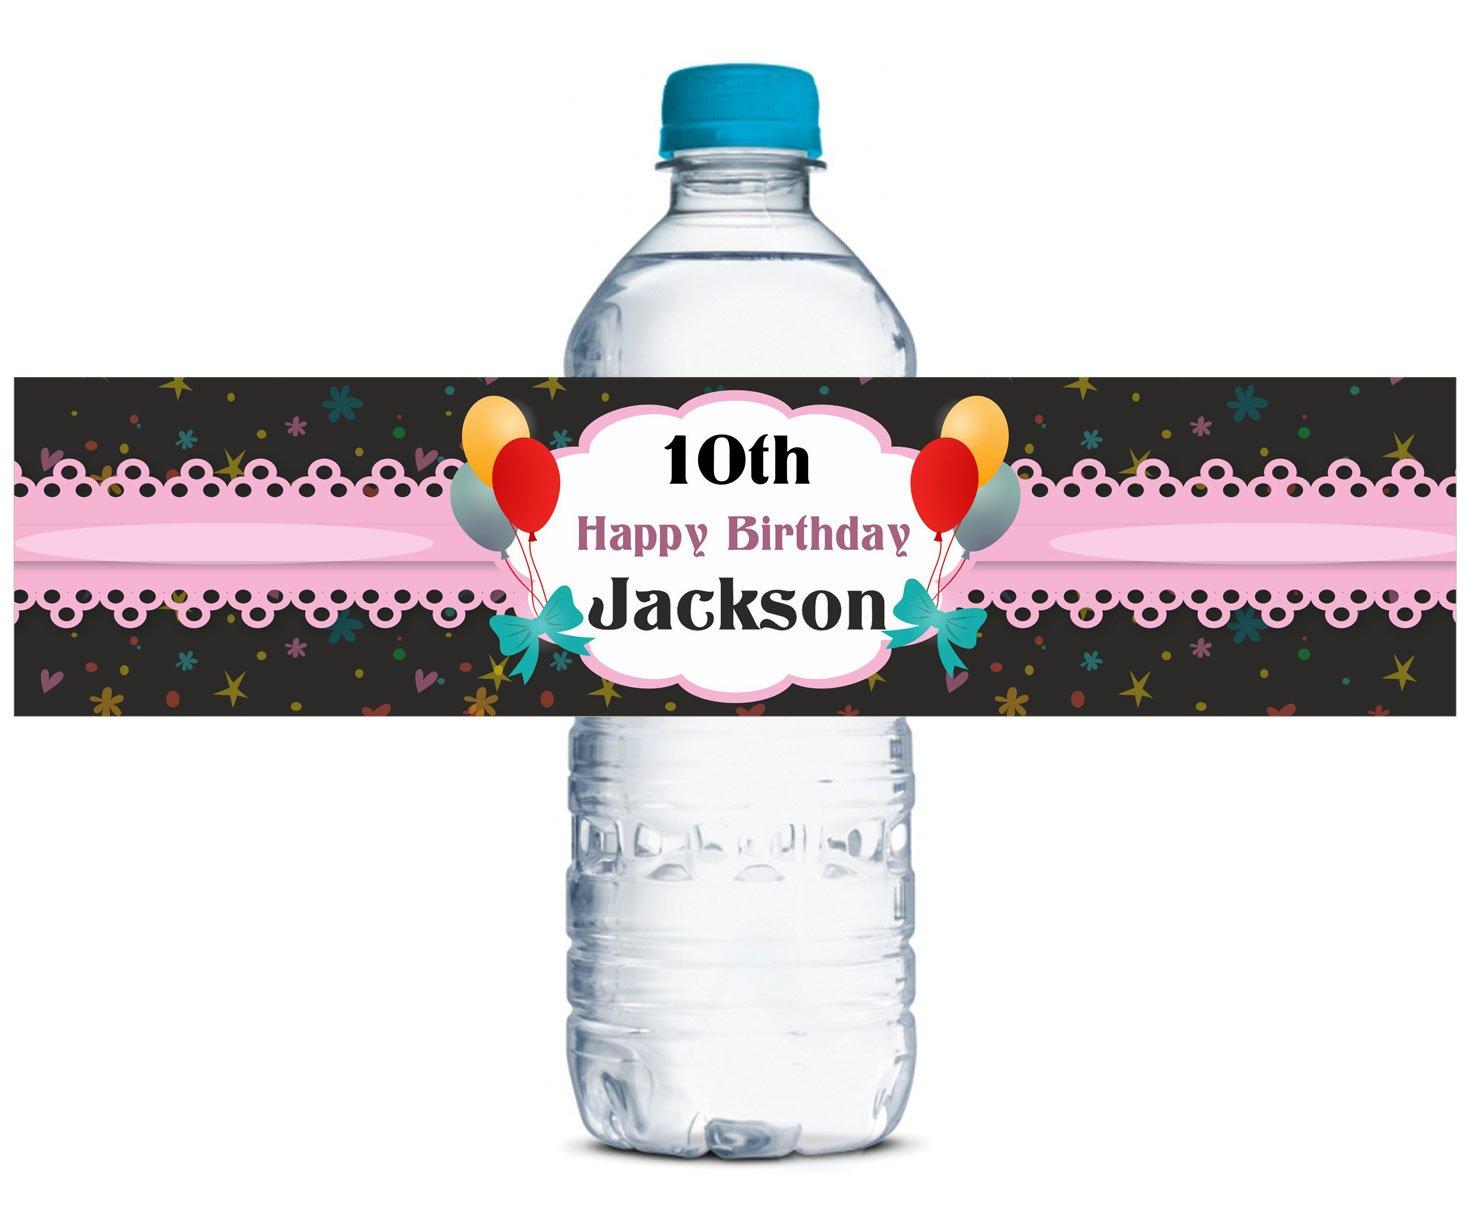 Birthday Party Wasserdicht Wasserflasche Sticker Selbstklebeetikette 8  x 2  Zoll - 60 Etiketten